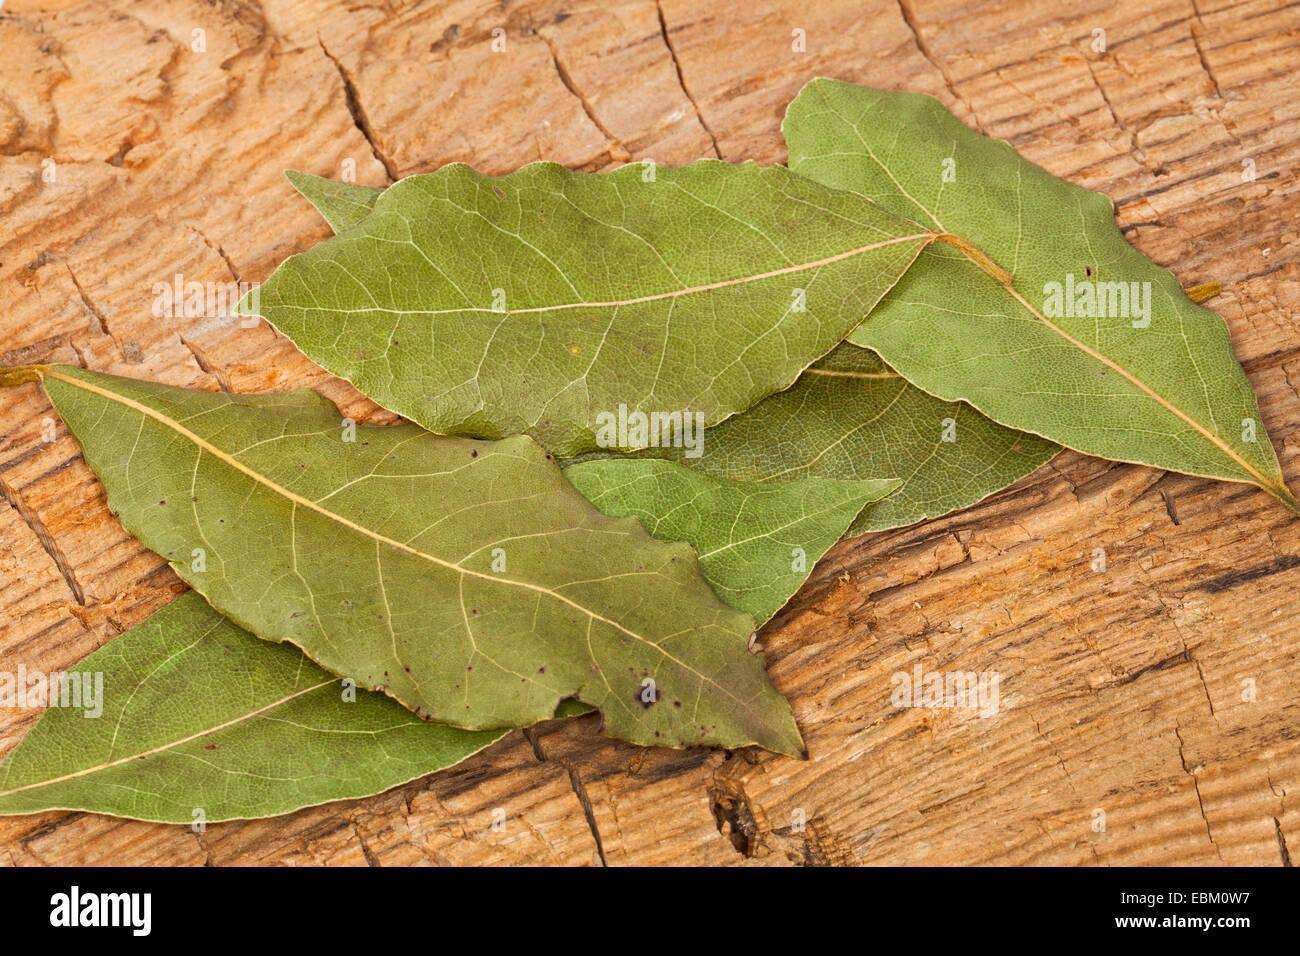 sweet bay laurel, bay tree, sweet bay (Laurus nobilis), dried leaves of sweet bay - Stock Image